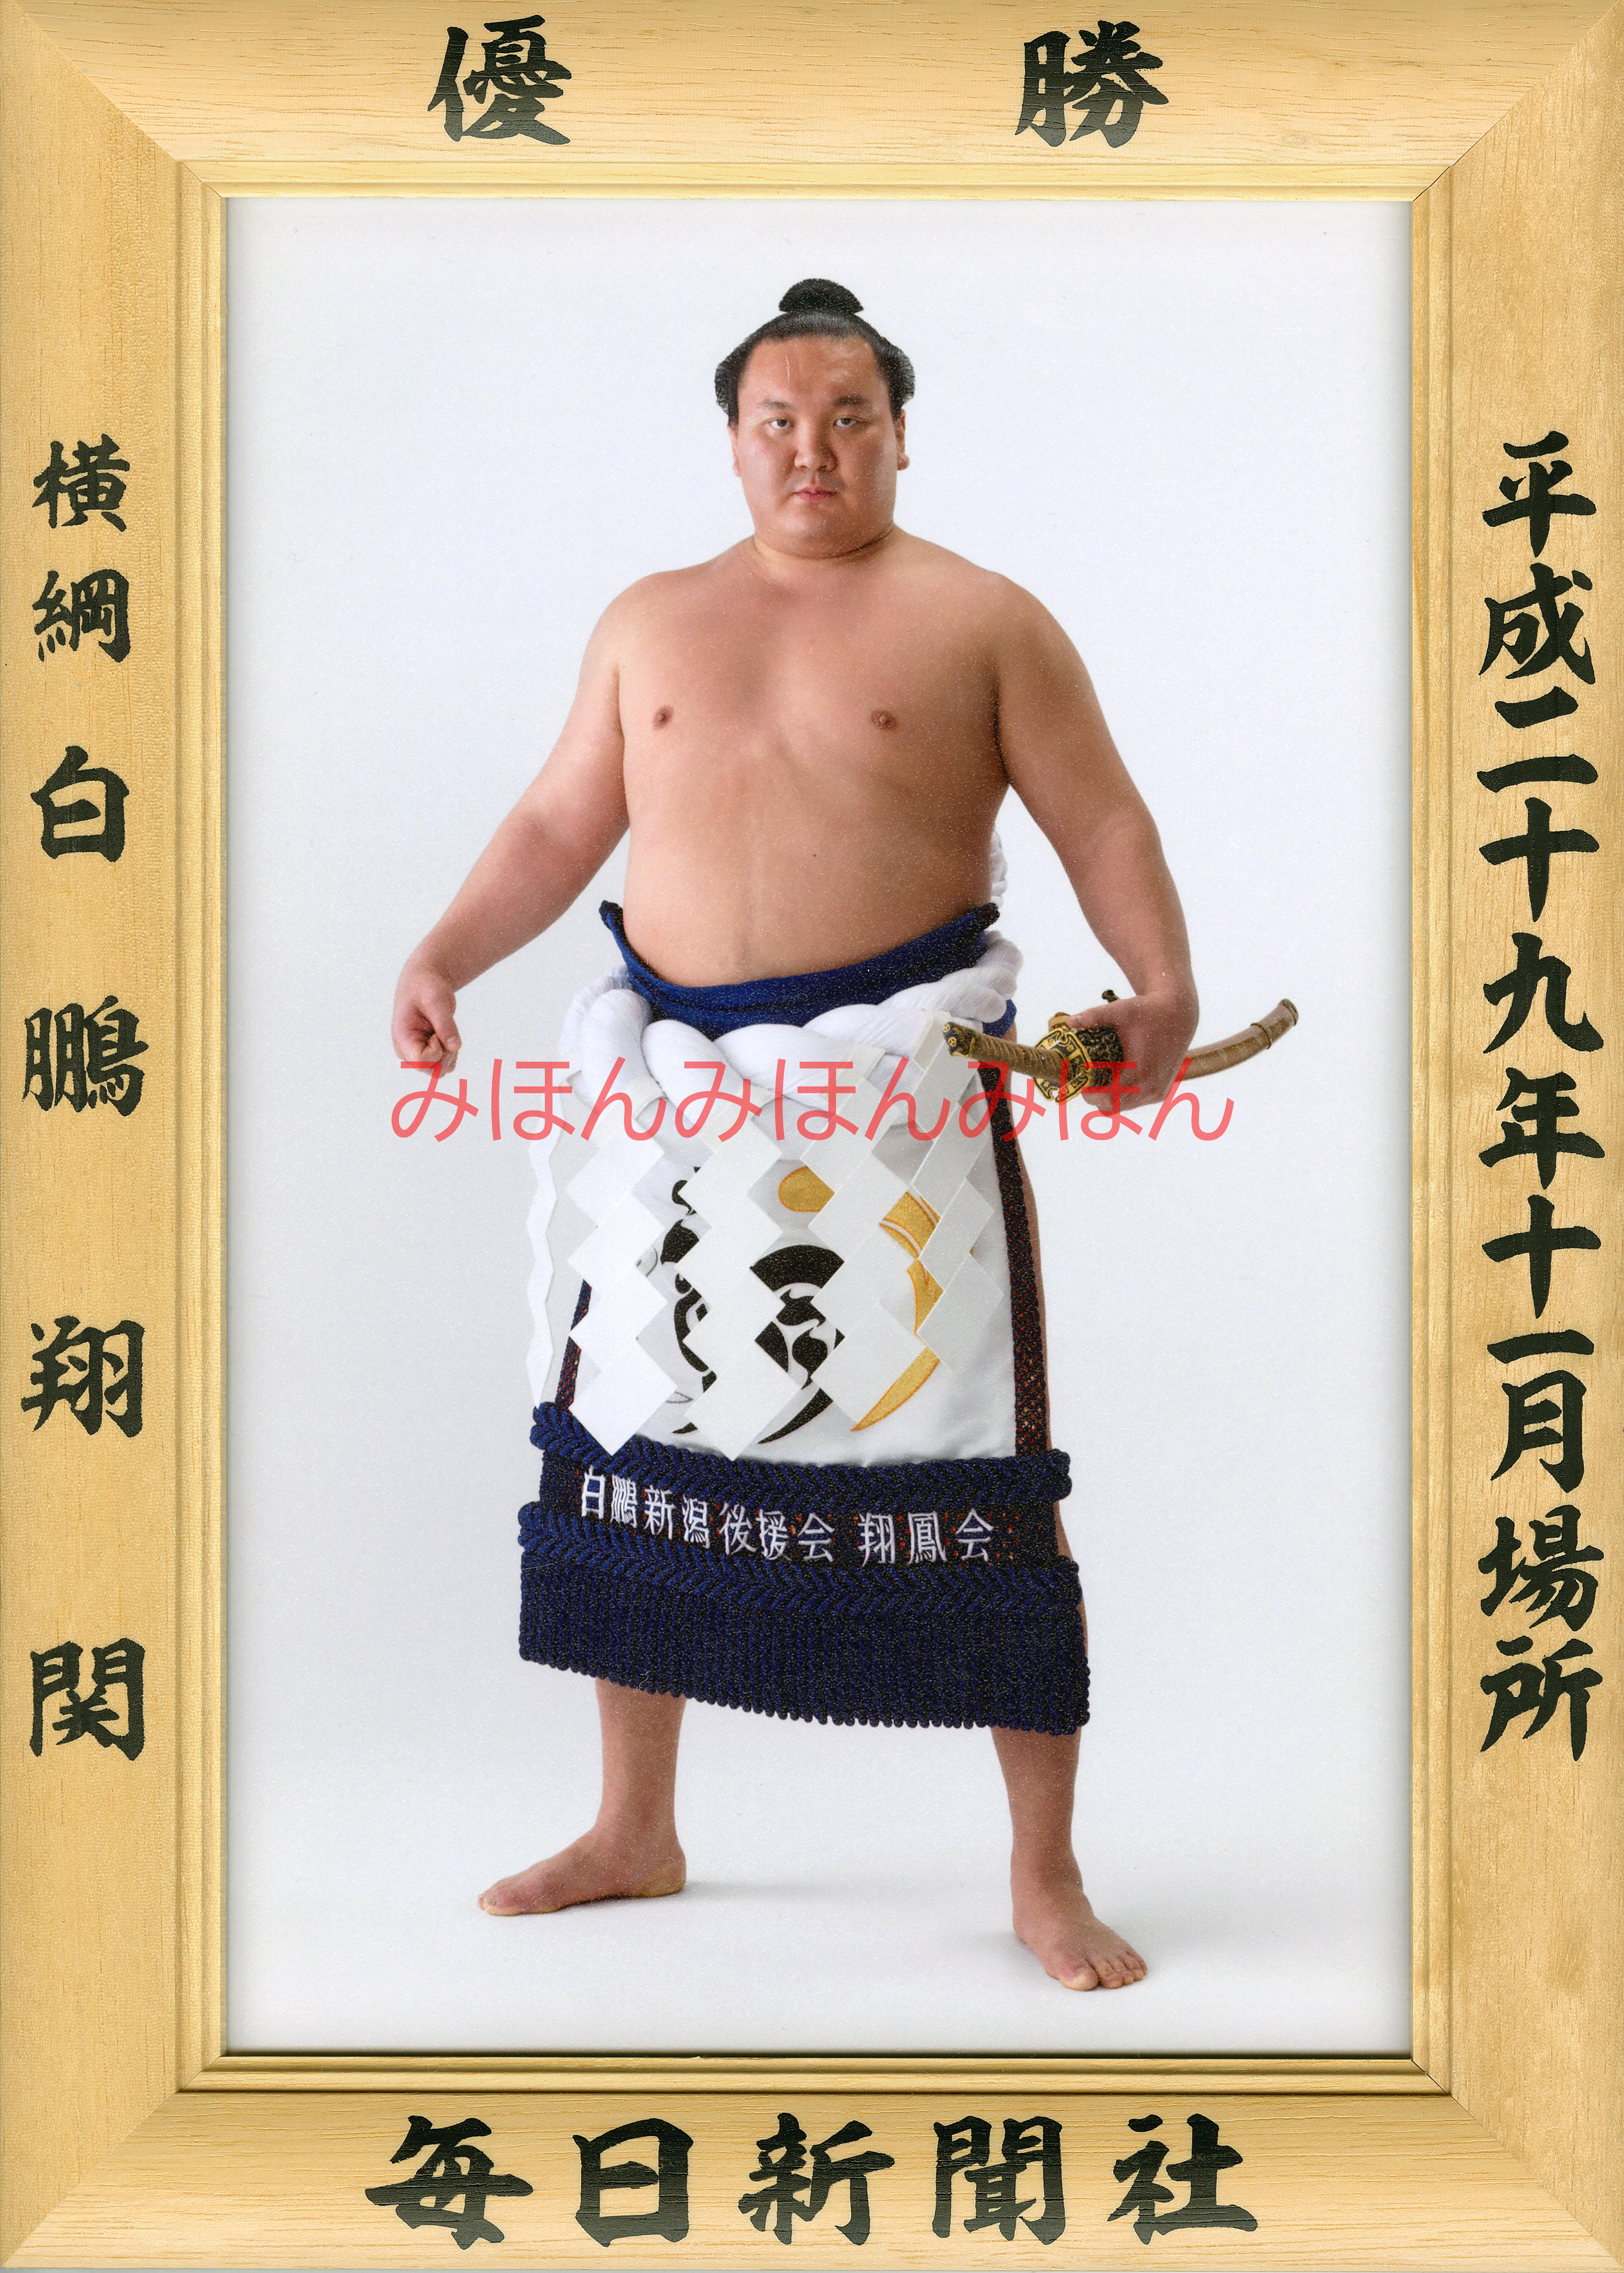 平成29年11月場所優勝 横綱 白鵬翔関(40回目の優勝)